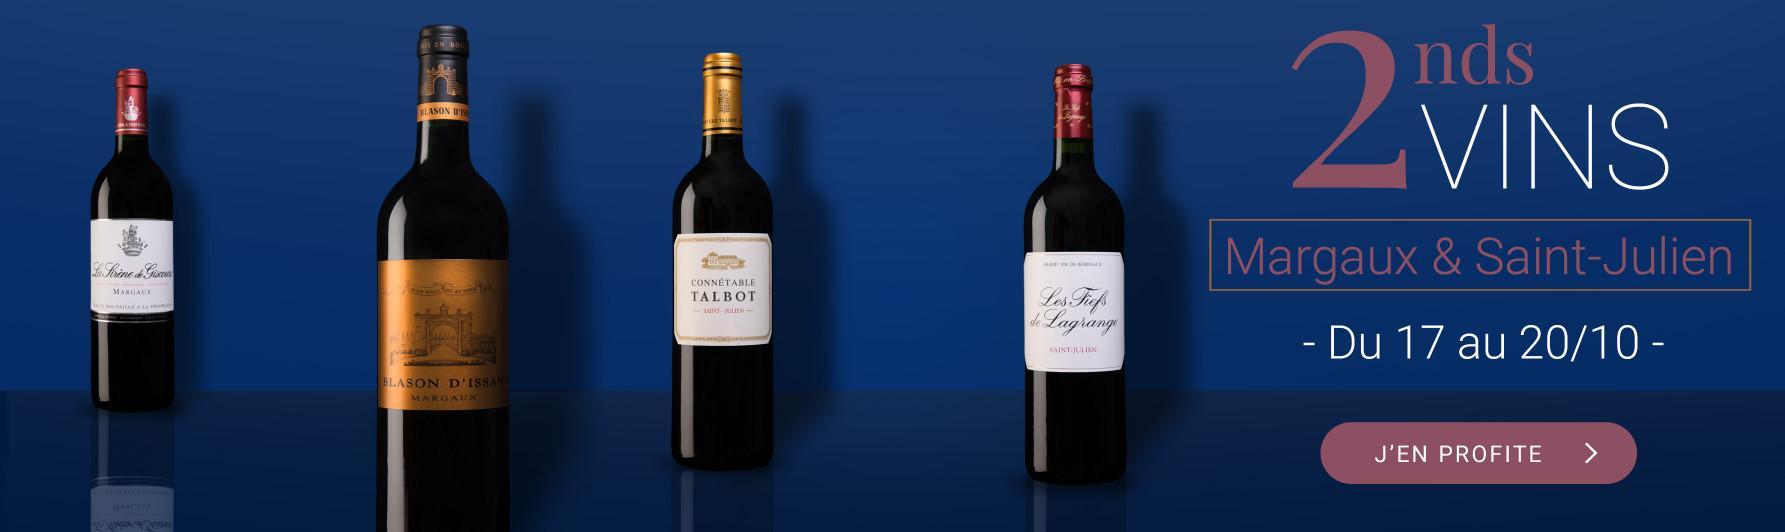 2nds vins Margaux & Saint-Julien